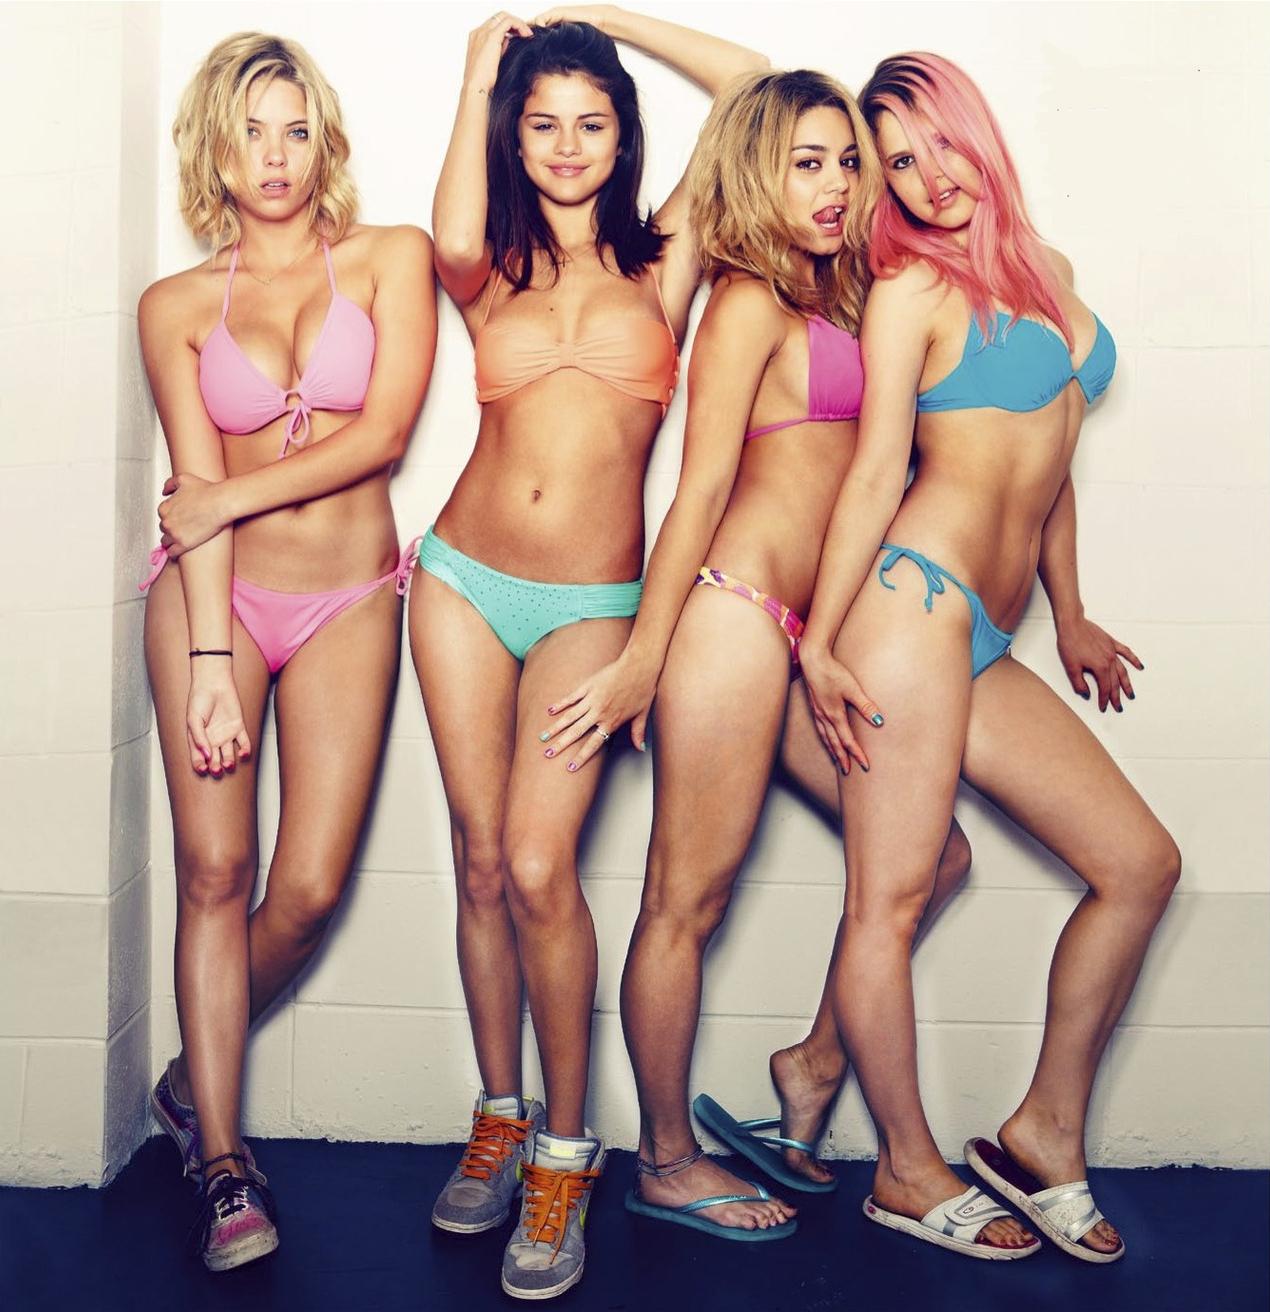 Bikini in Spring Breakers ' Girls - neomag.